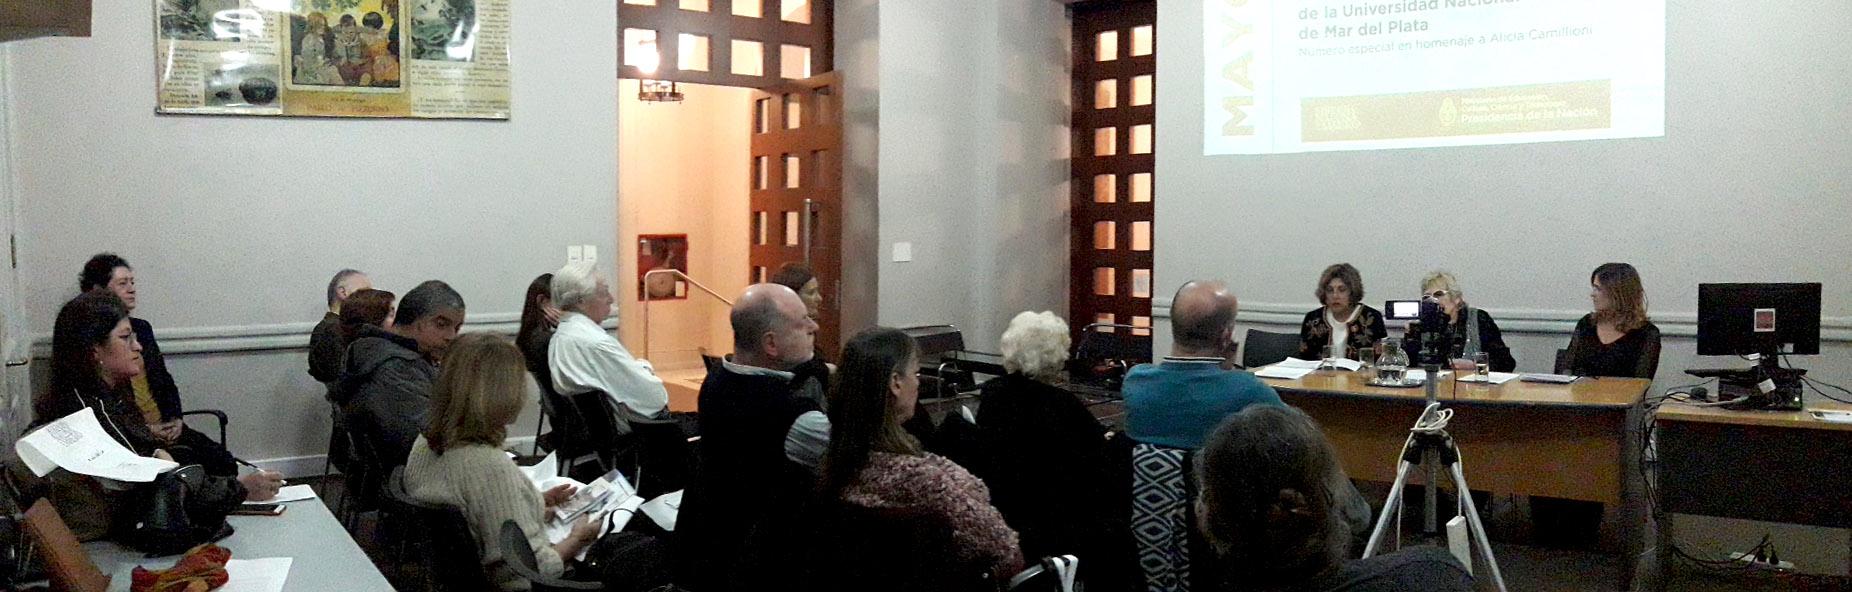 Presentación Revista de Educación de la Universidad Nacional de Mar del Plata que homenajea a Alicia Camilloni